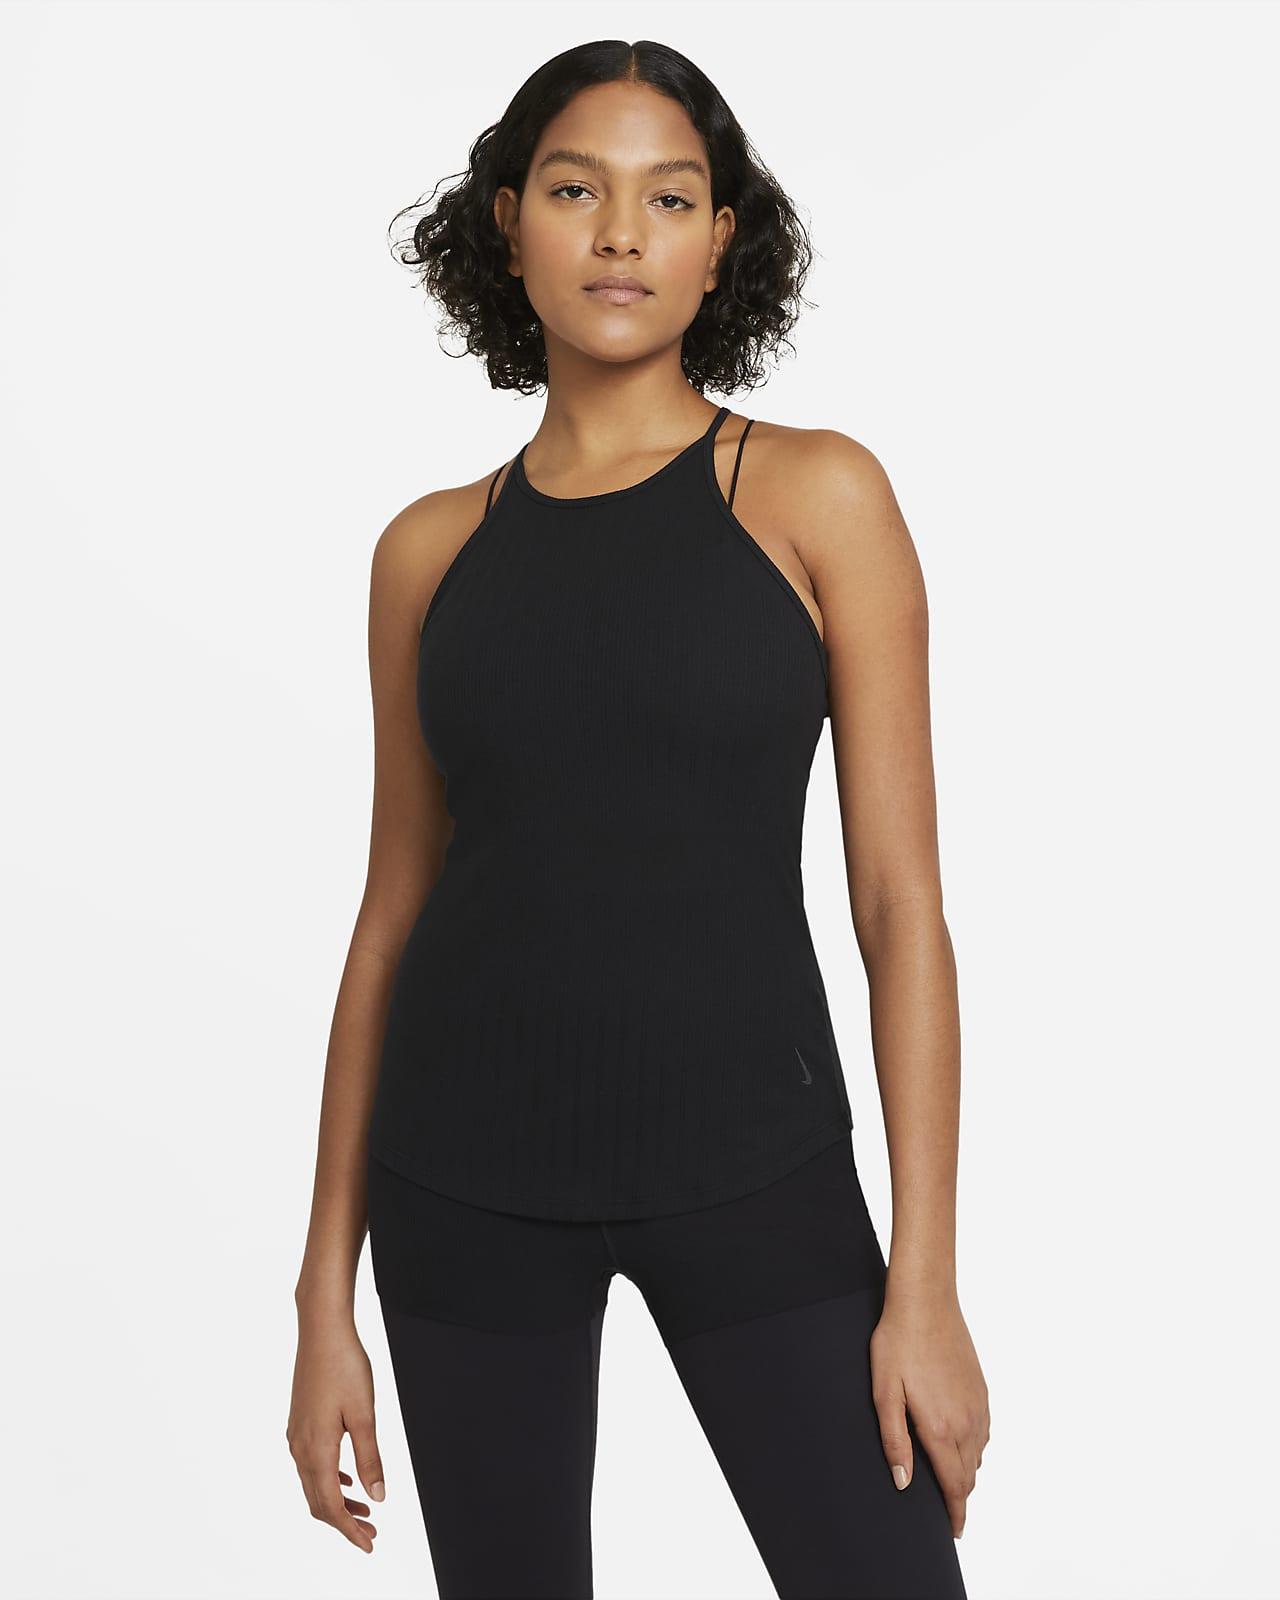 Женская майка Nike Yoga Pointelle